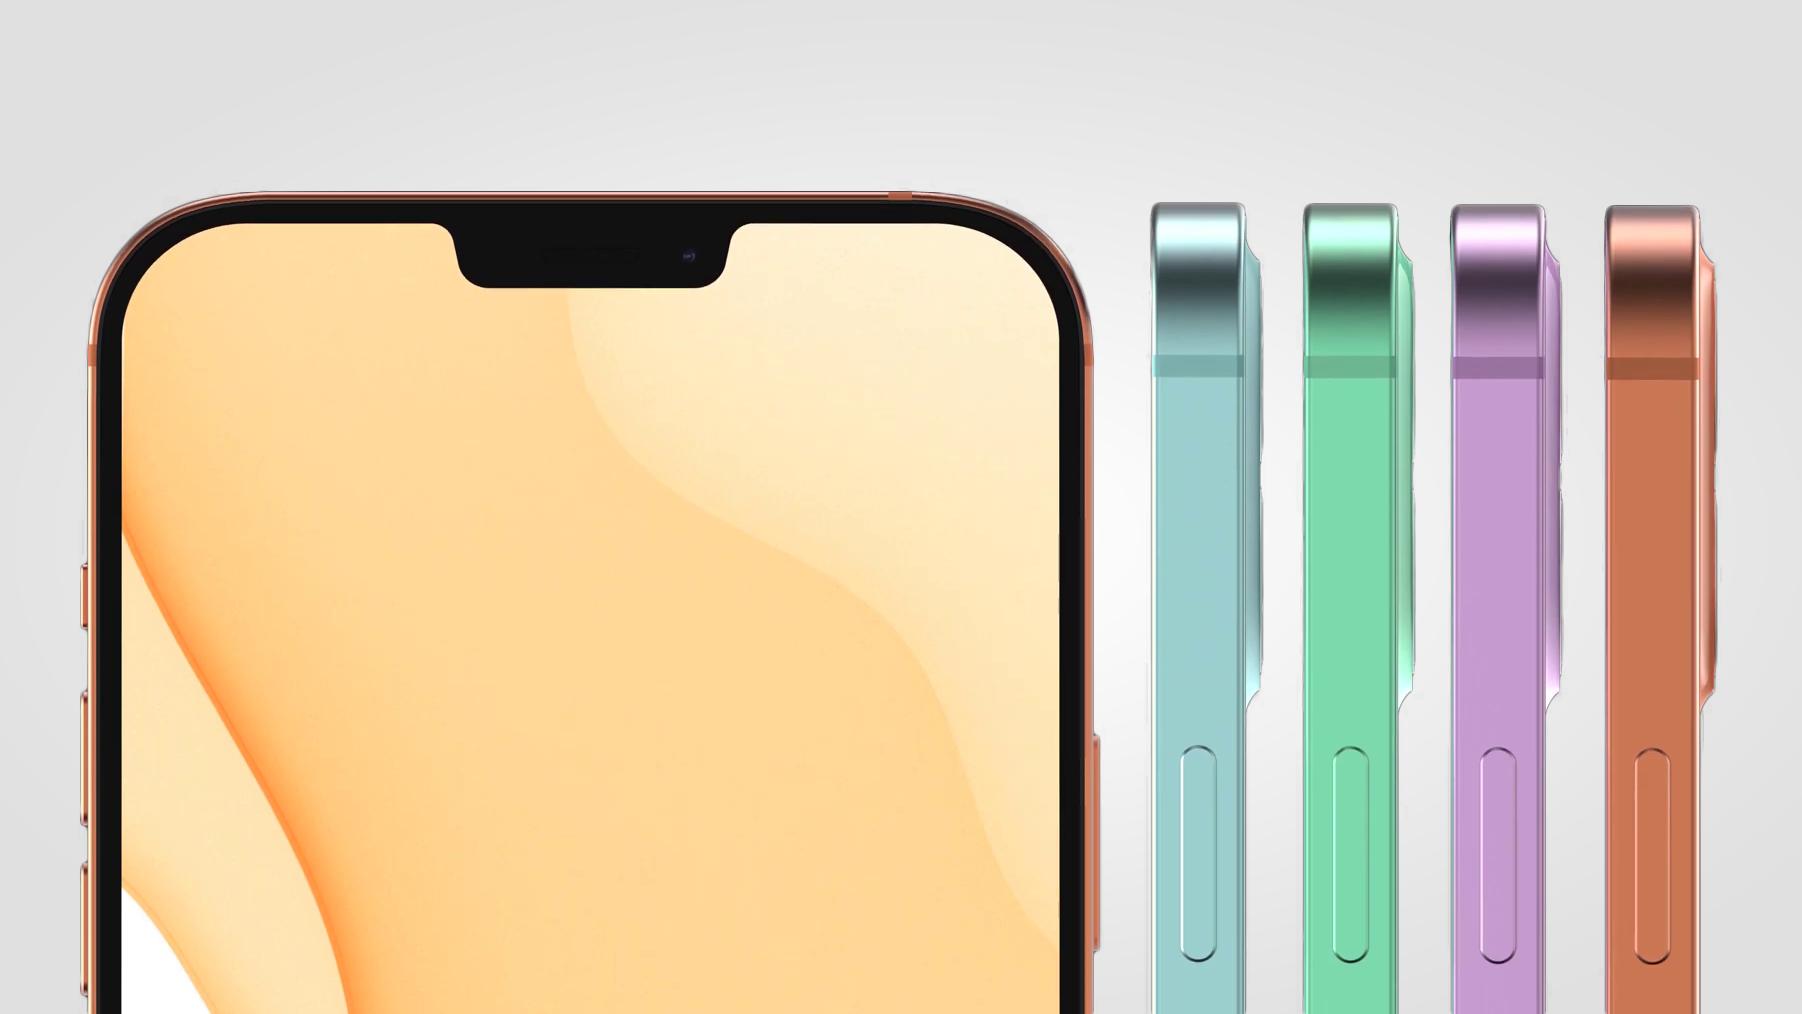 Internet marketing Alleged Leaked 'iPhone 12' Schematics Show Speaker Integrated into Bezel to Achieve Slimmer Notch